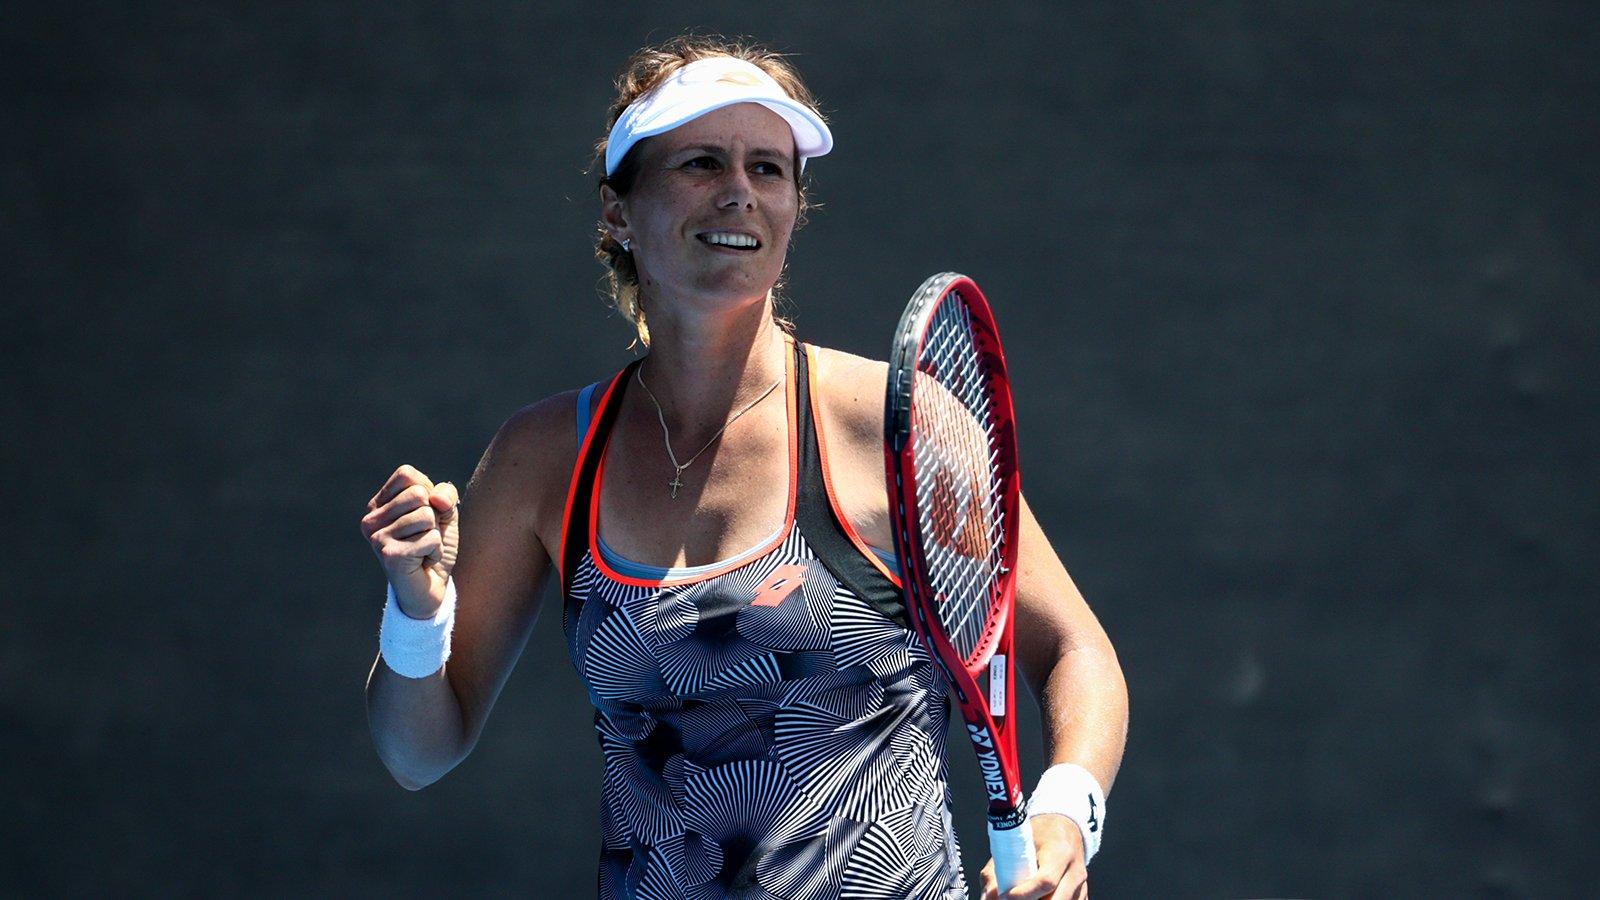 Lepchenko Open Australia 2019